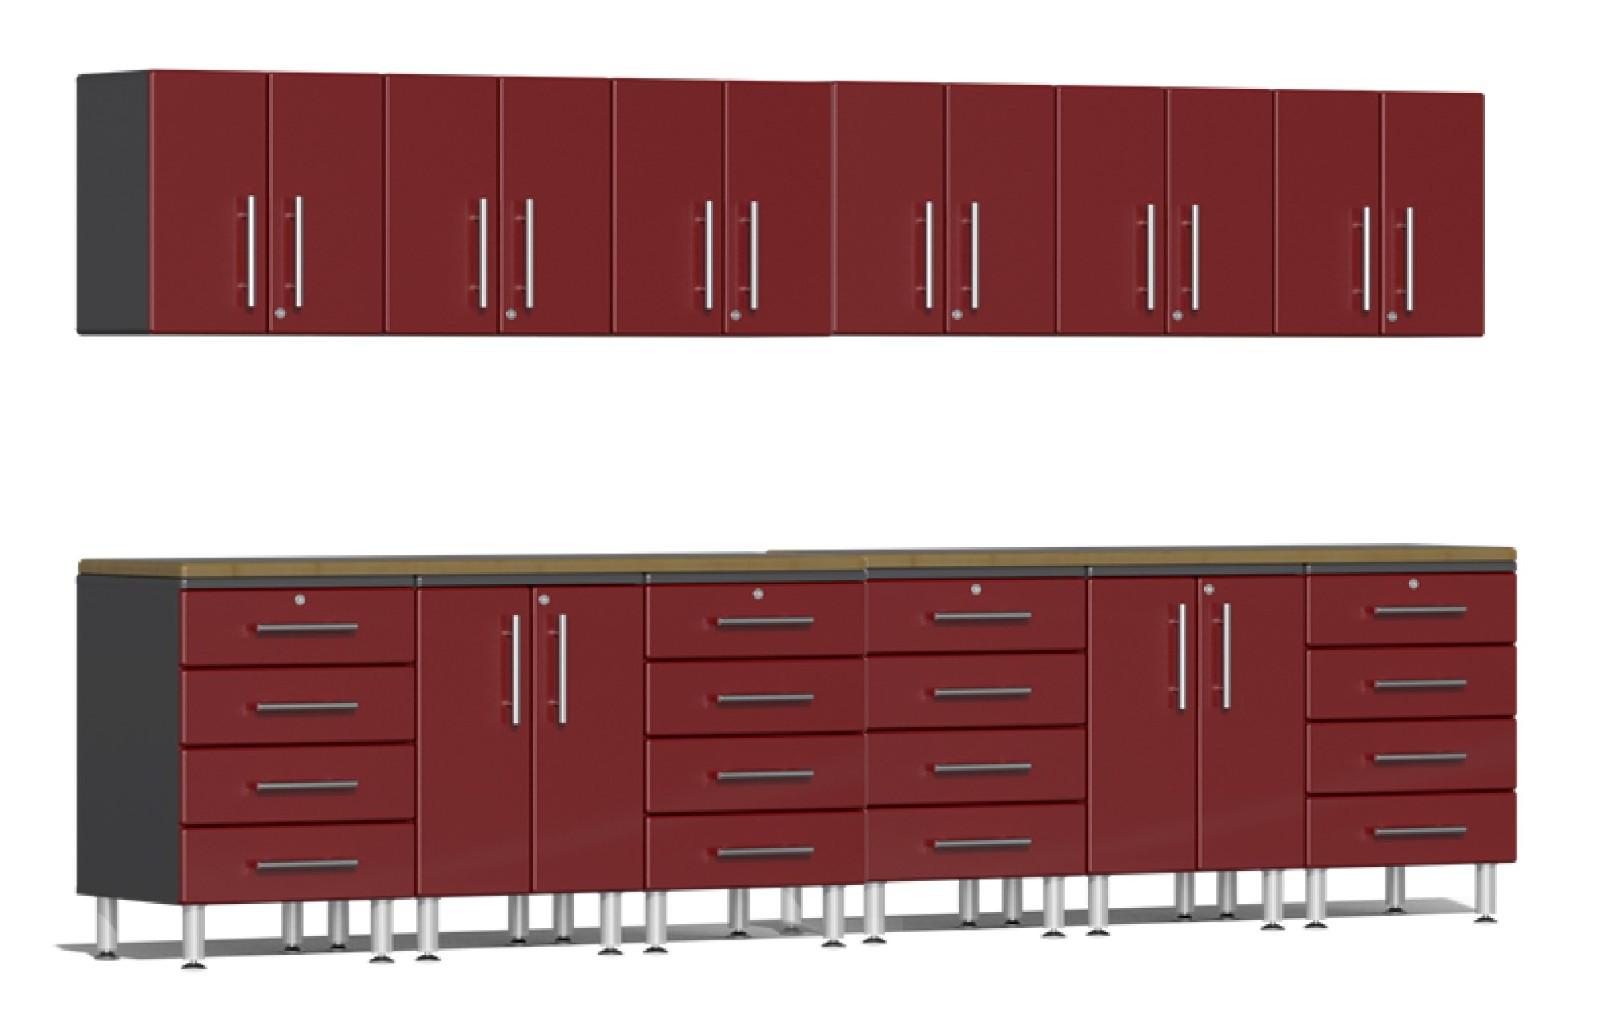 Ulti-MATE Garage 2.0 Series 14-Piece Set in Red Metallic UG23142R